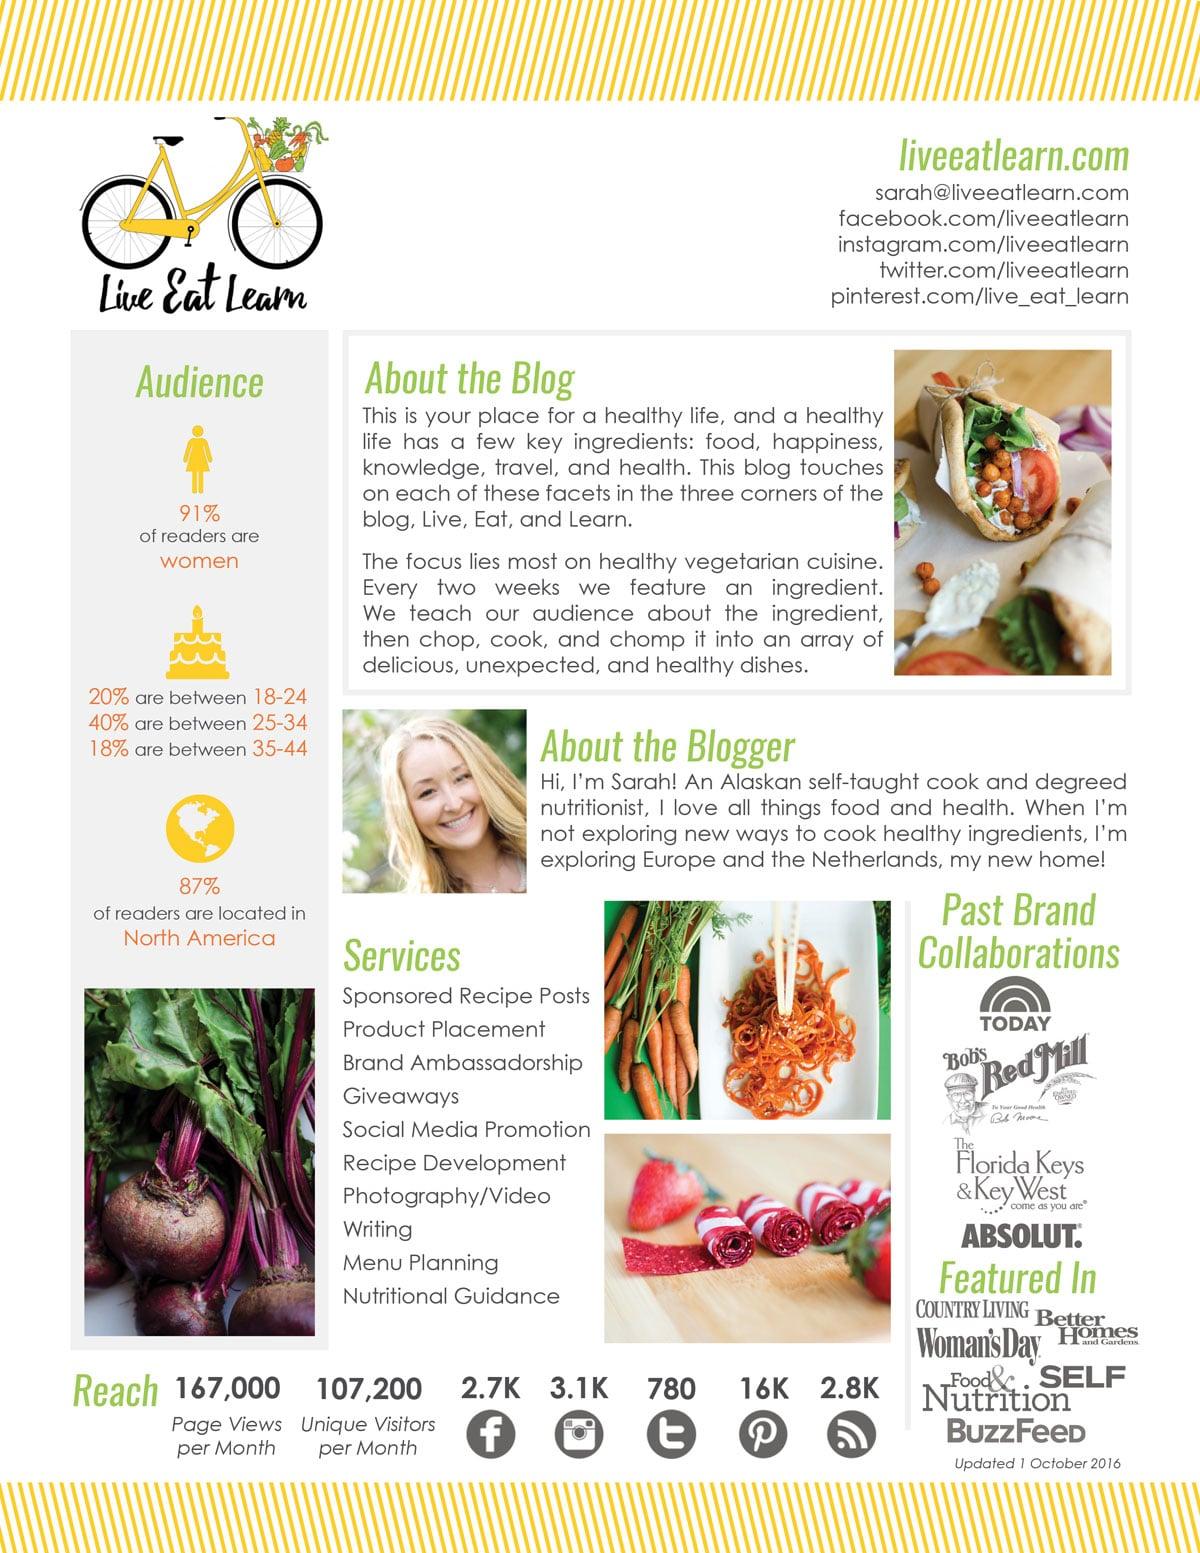 live-eat-learn-media-kit